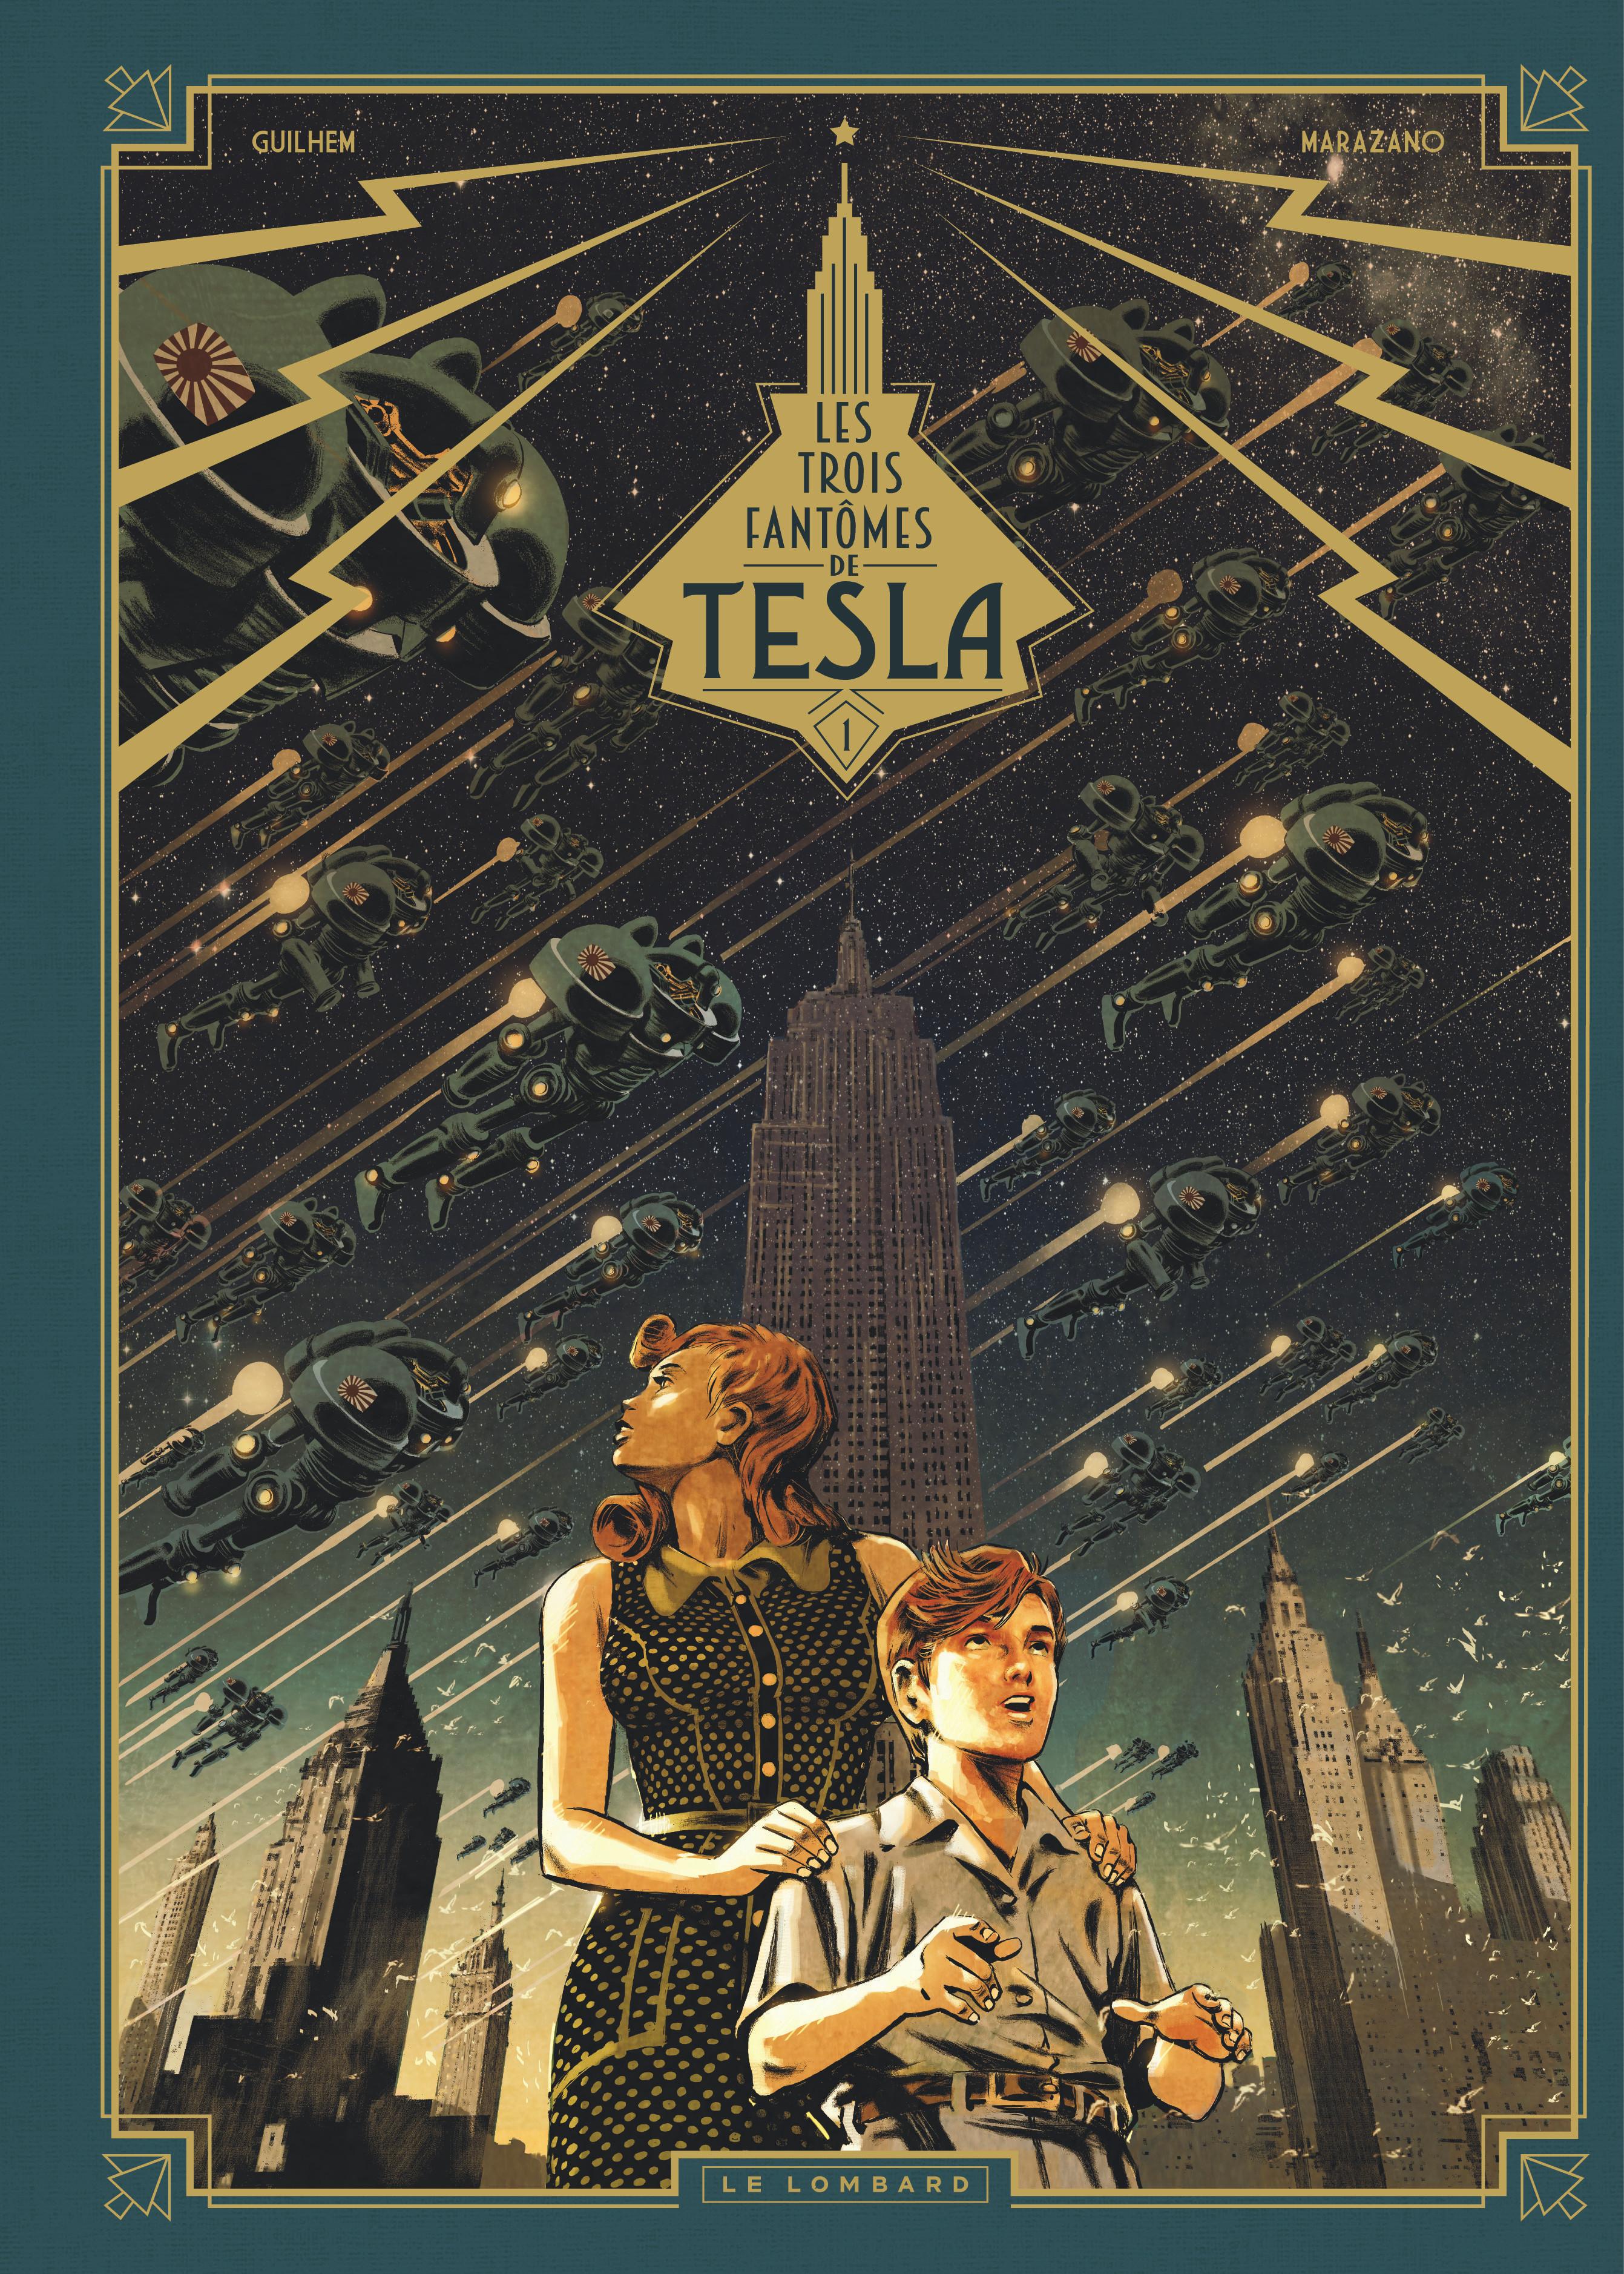 Les trois fantomes de Tesla - Marazano - Guilhem Bec - Couverture